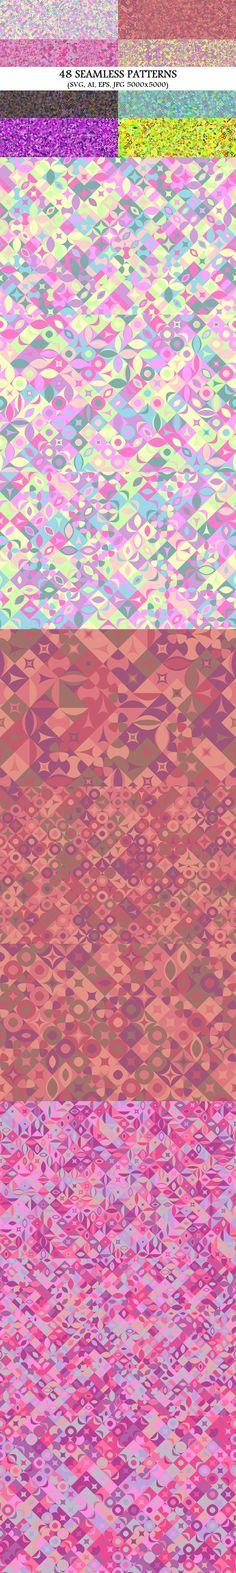 48 Seamless Geometrical Patterns #MulticolorBackground #multicoloredgraphics #seamlesspatterns #SeamlessPattern #BackgroundGraphics #BackgroundDesign #background #mosaic #background #PremiumVectorGraphicDesign #MosaicGraphics #BackgroundCollections #geometric #BackgroundGraphic #mosaicbackgrounds #BackgroundGraphics #SeamlessPatterns #PremiumVectors #PremiumVectorPatterns